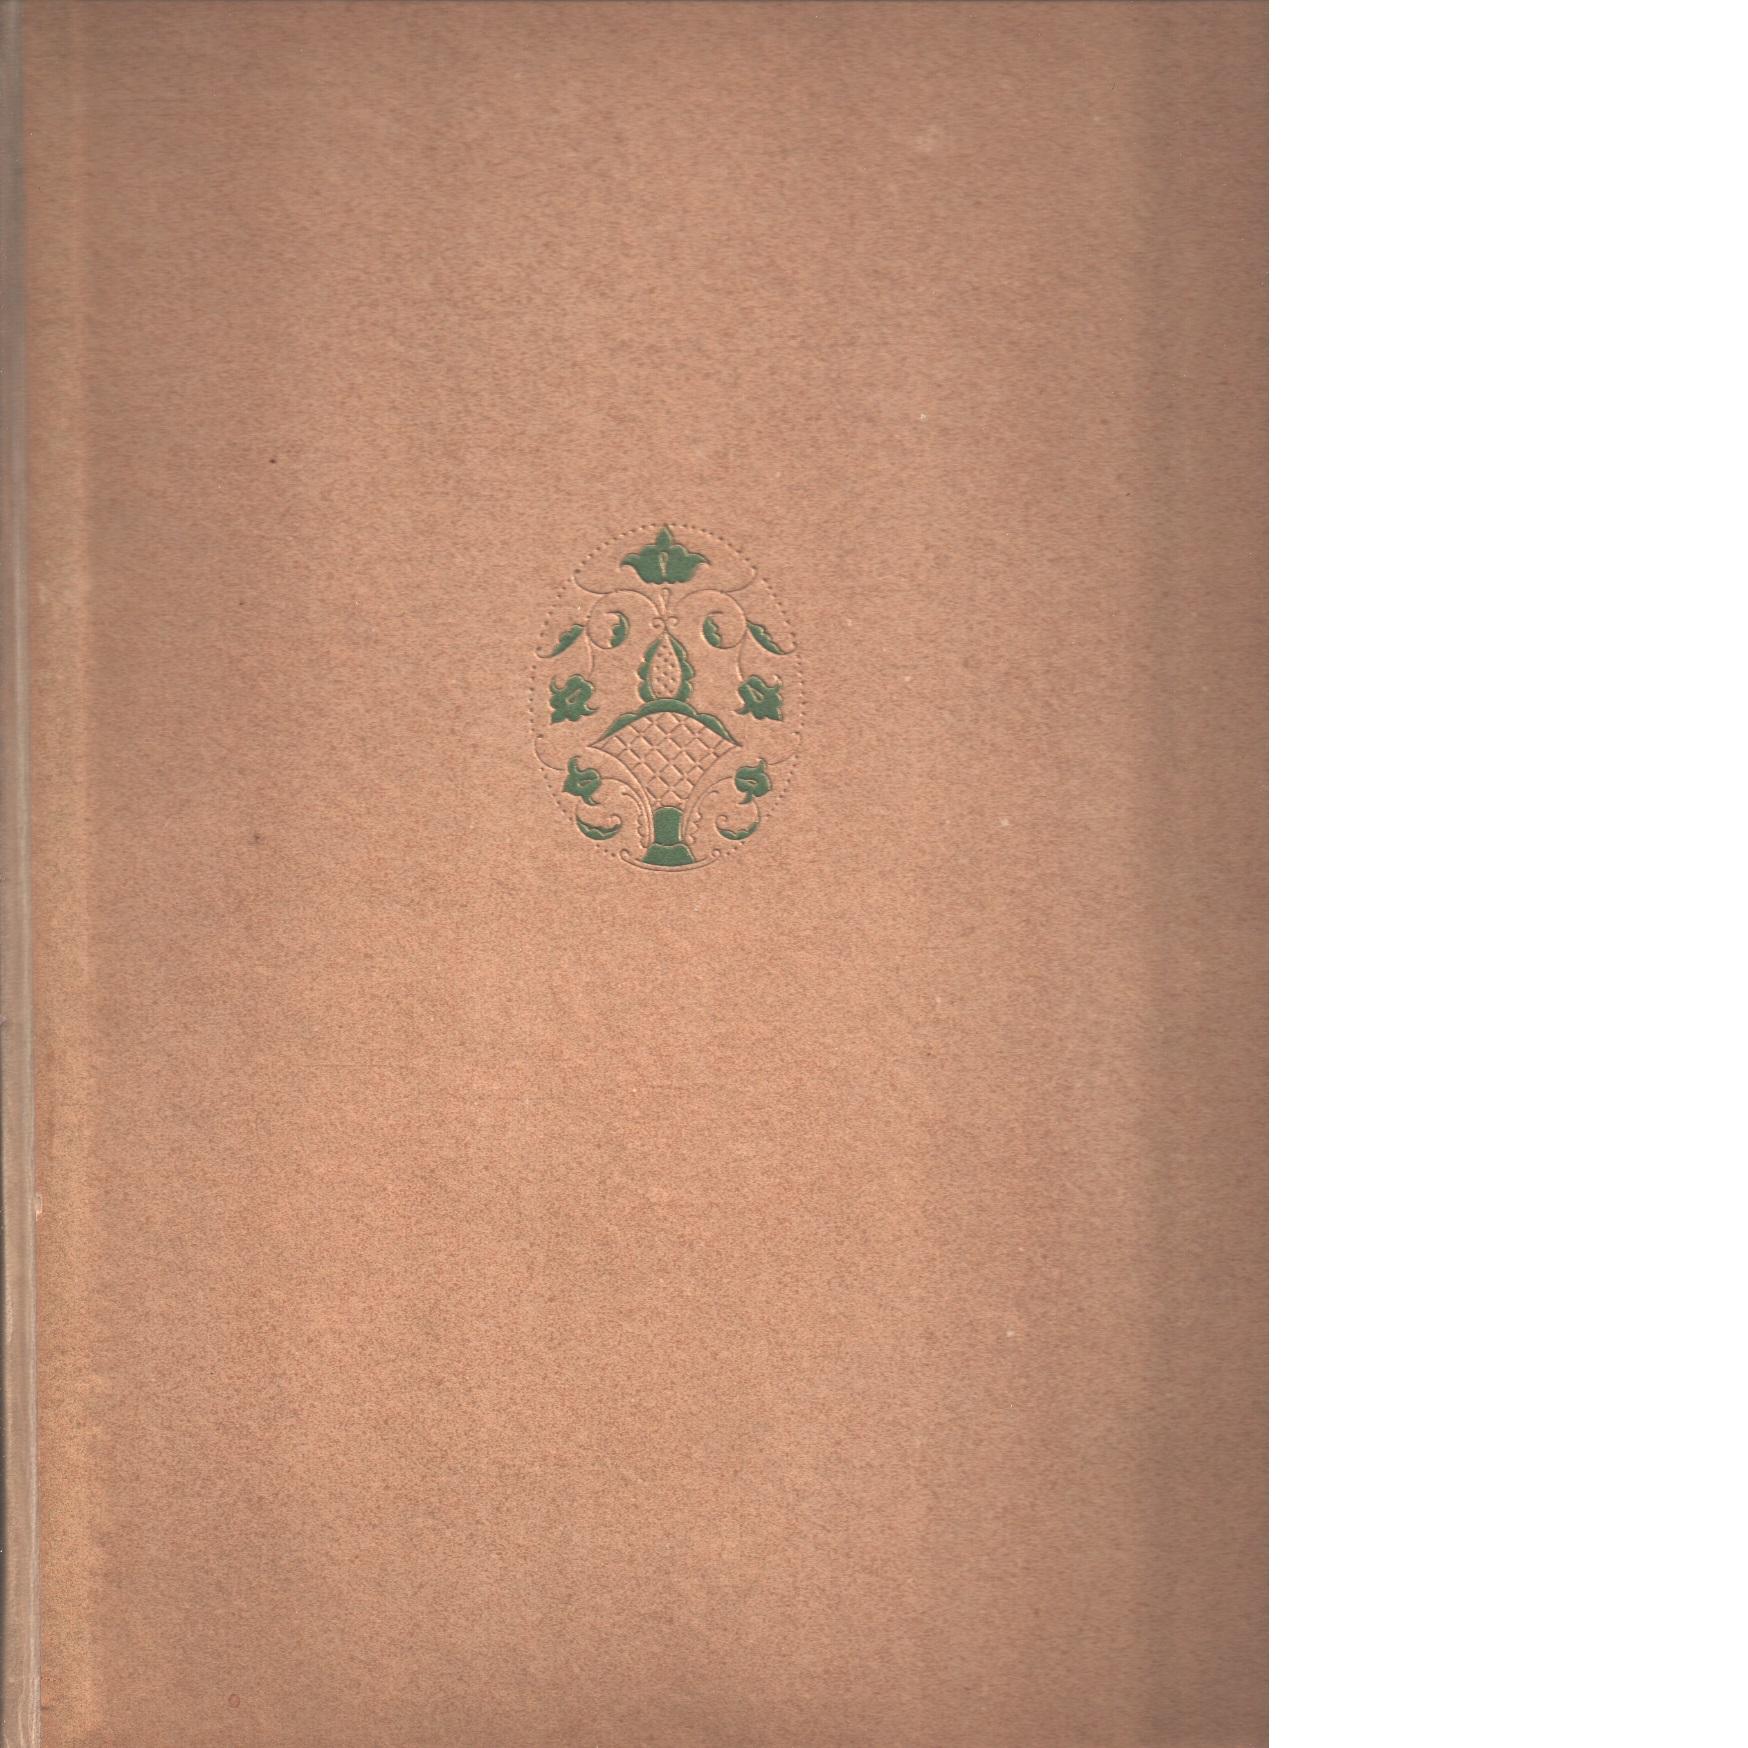 Helgsmål : konst, lyrik och berättelser - Red. Gunnar Mascoll Silfverstolpe